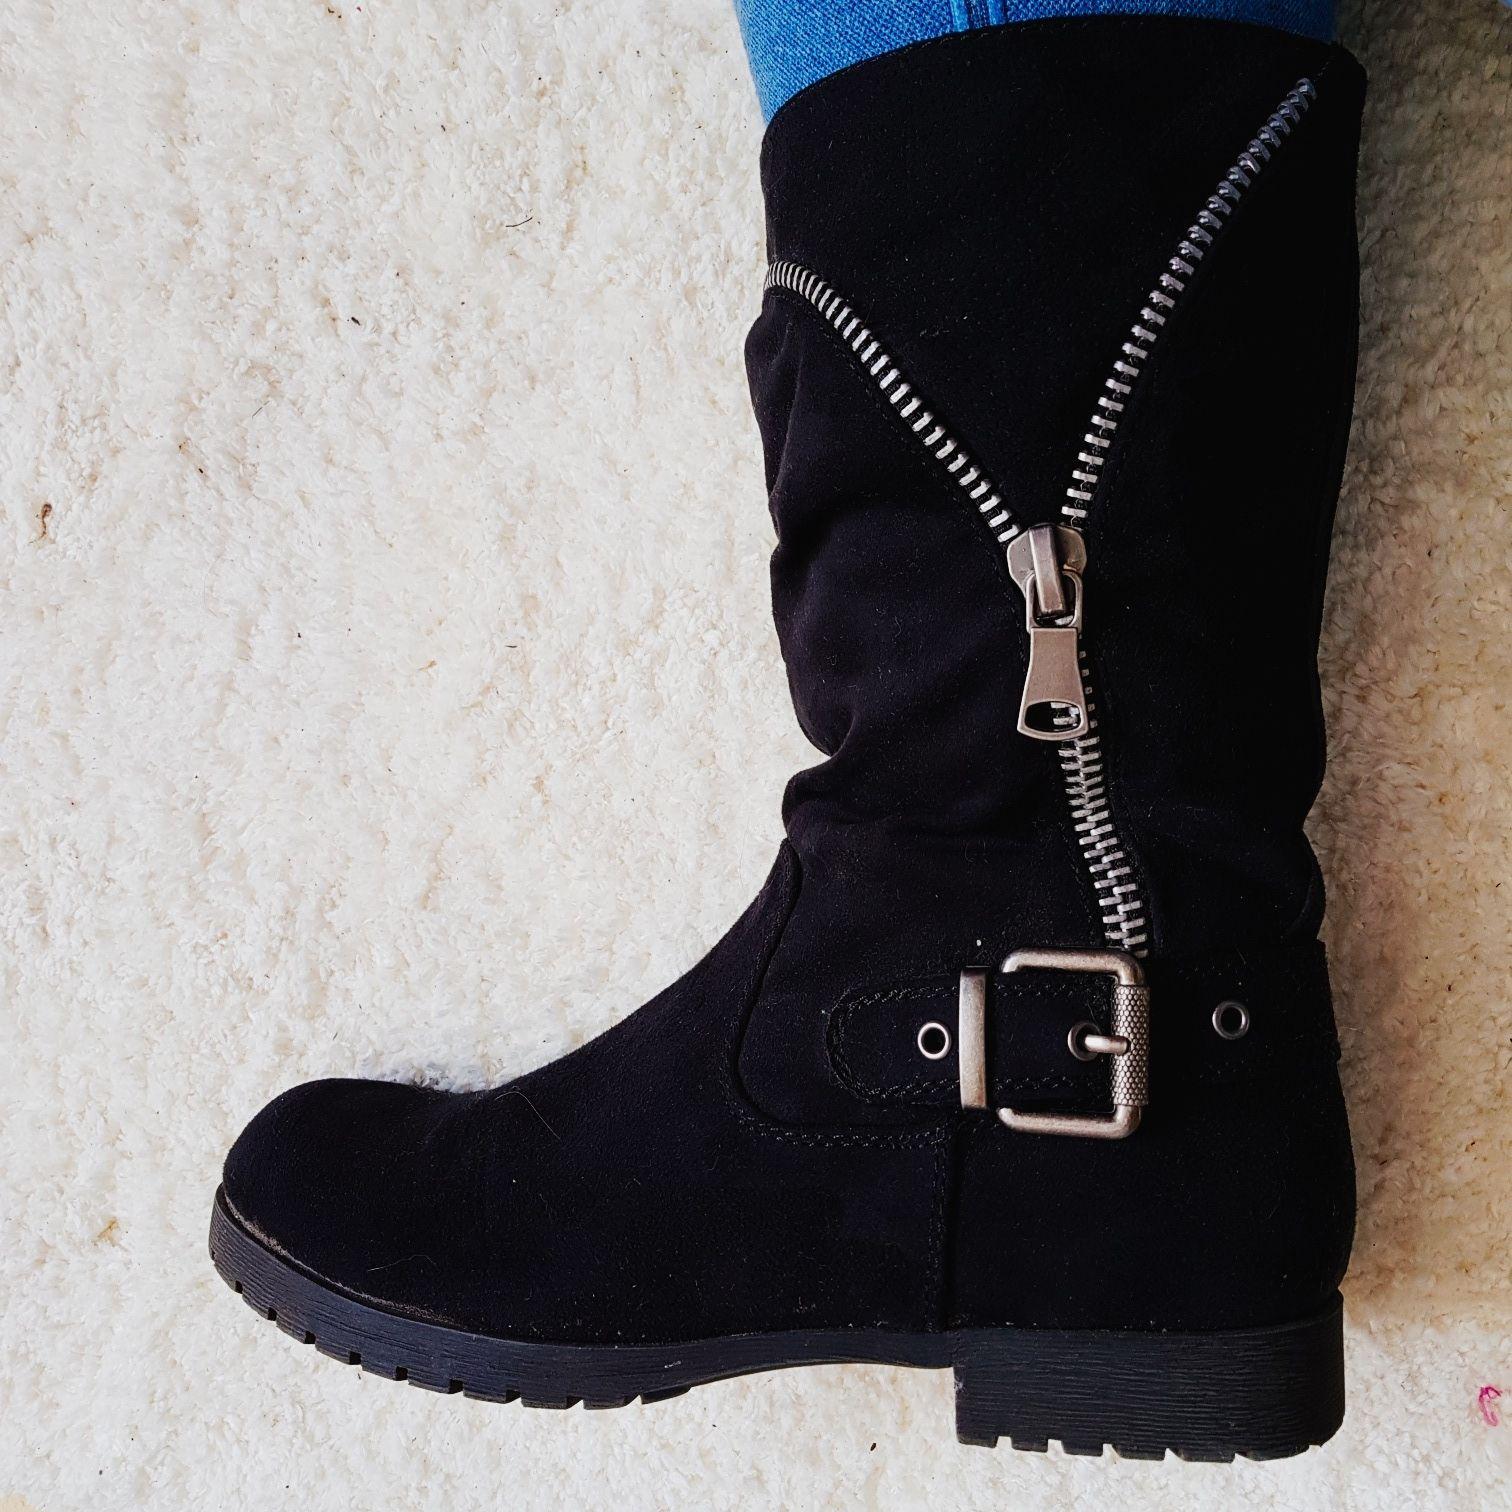 Graceland Stiefel für schmale Füße